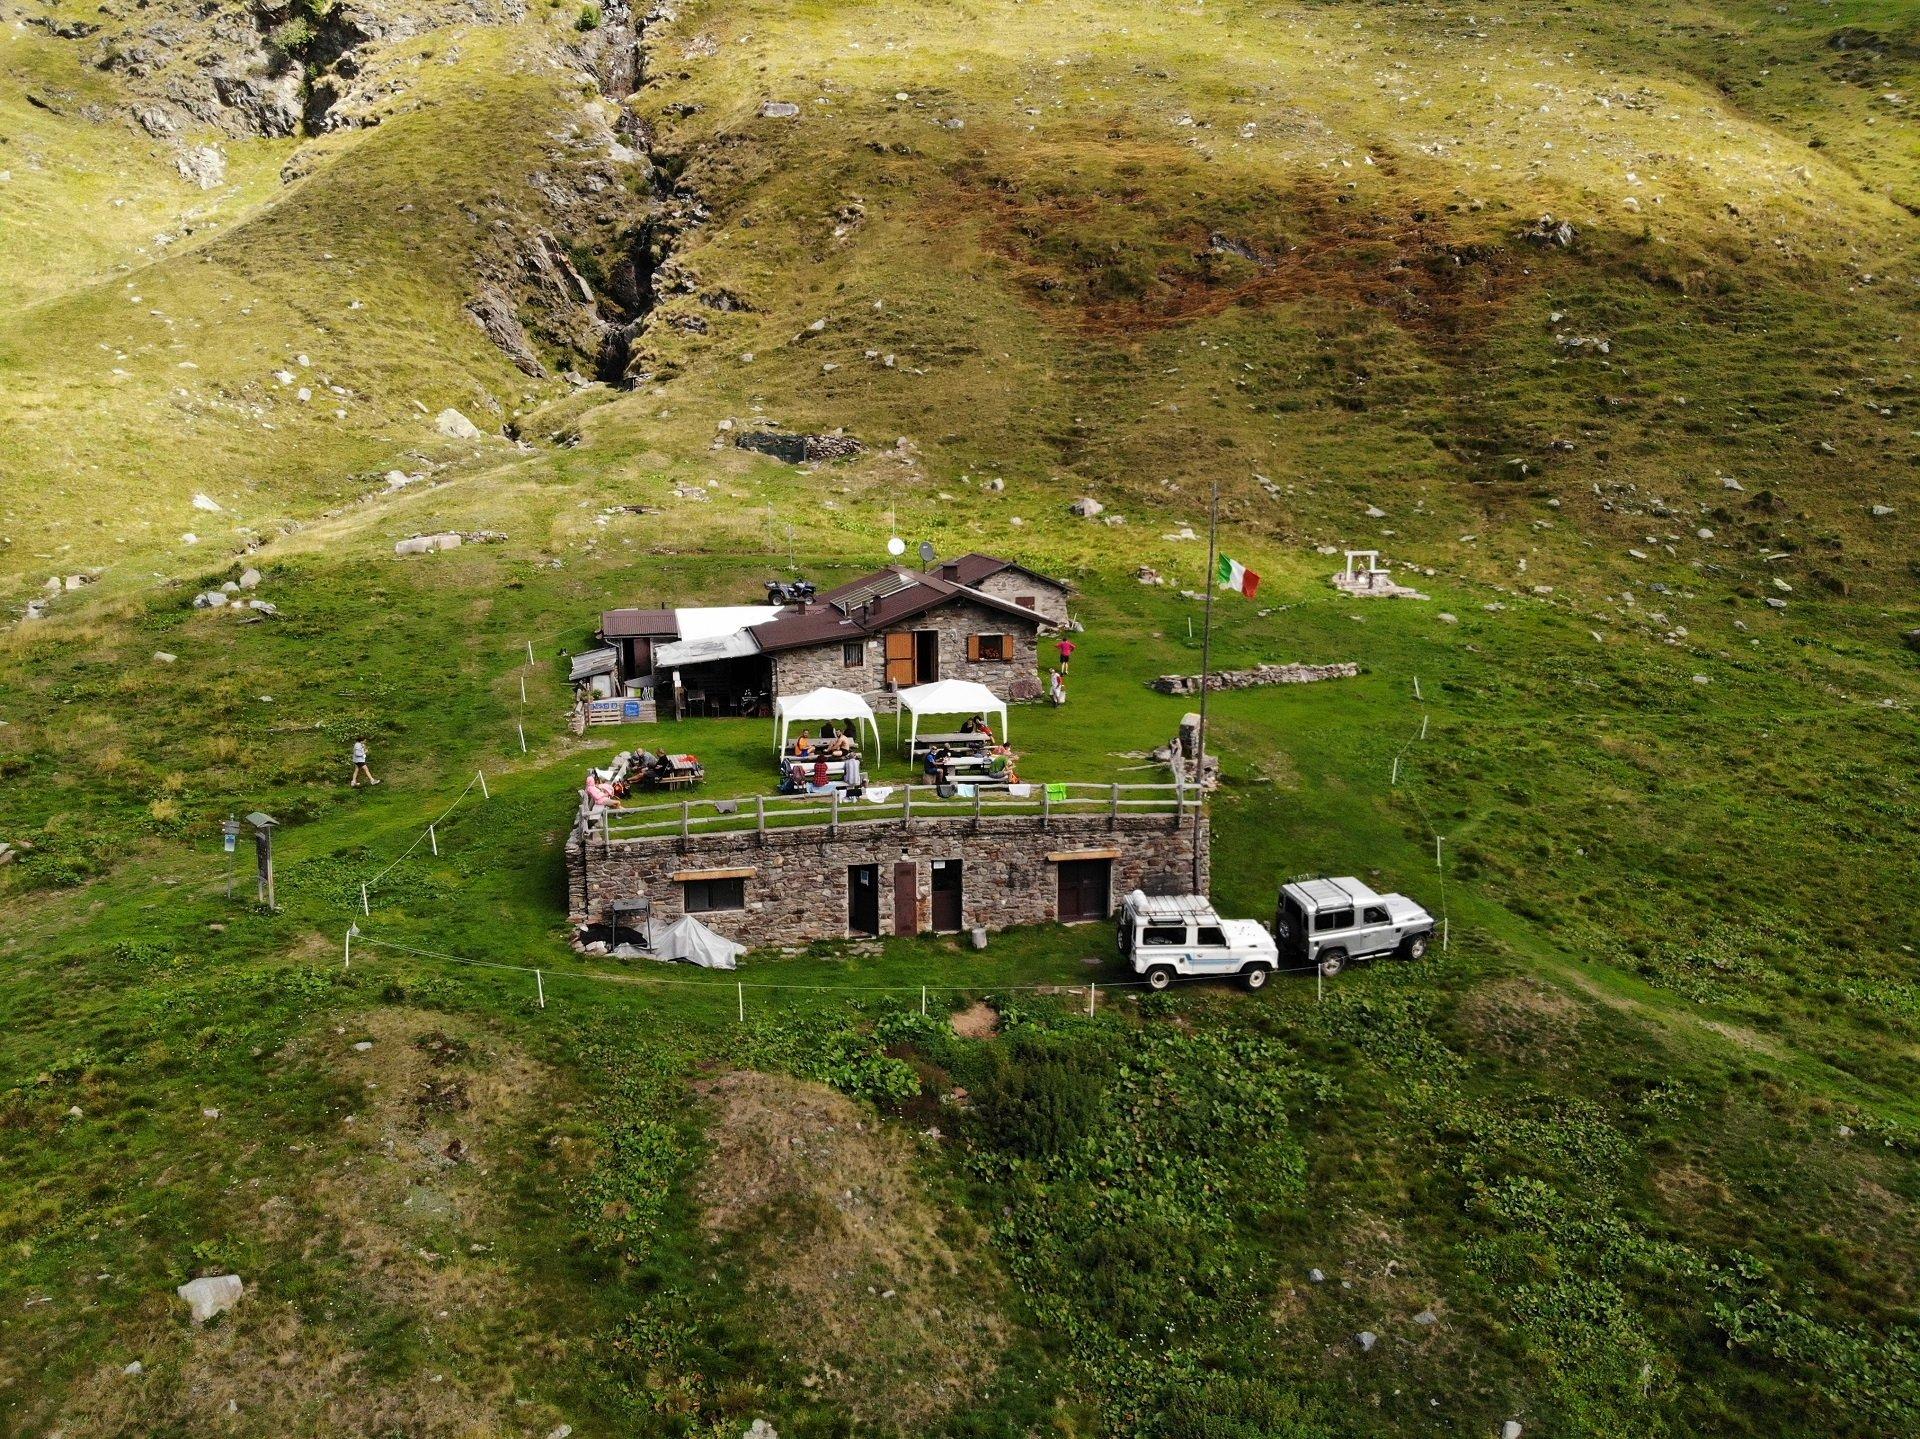 Rifugio Casera Vecchia Val varrone Drone